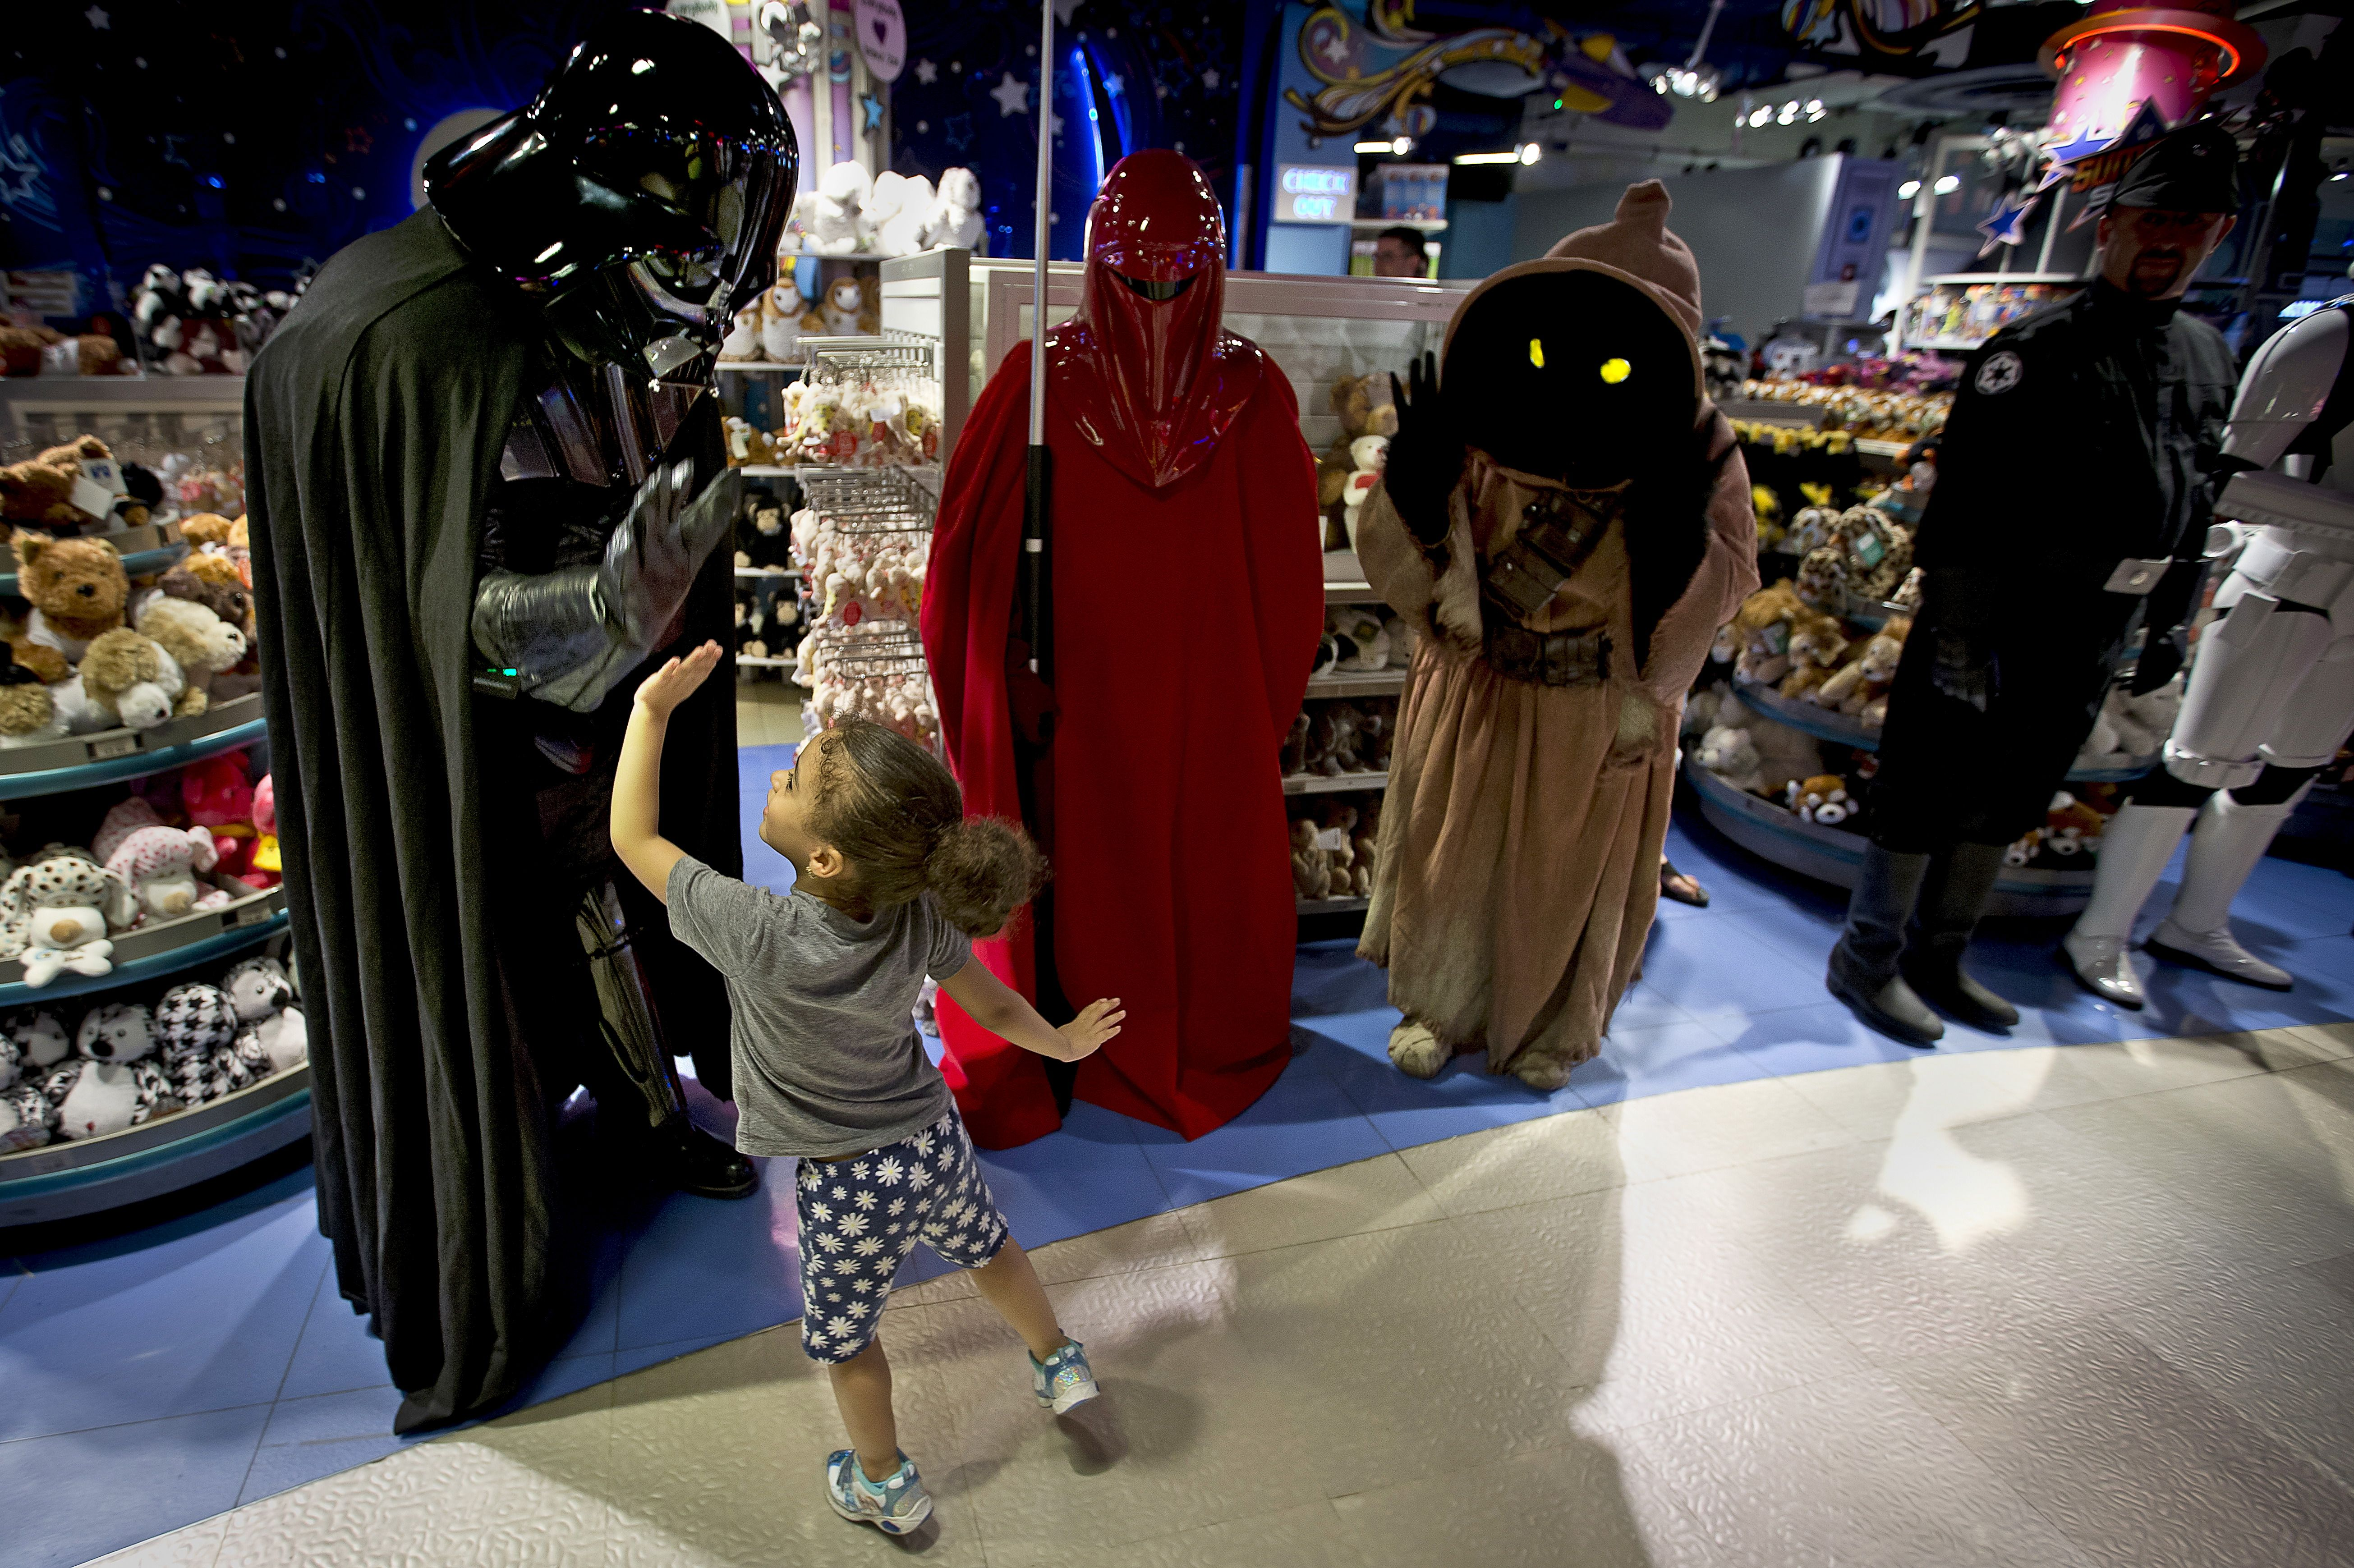 Noël 2015 sera marqué par Star Wars et ses nombreux produits dérivés.